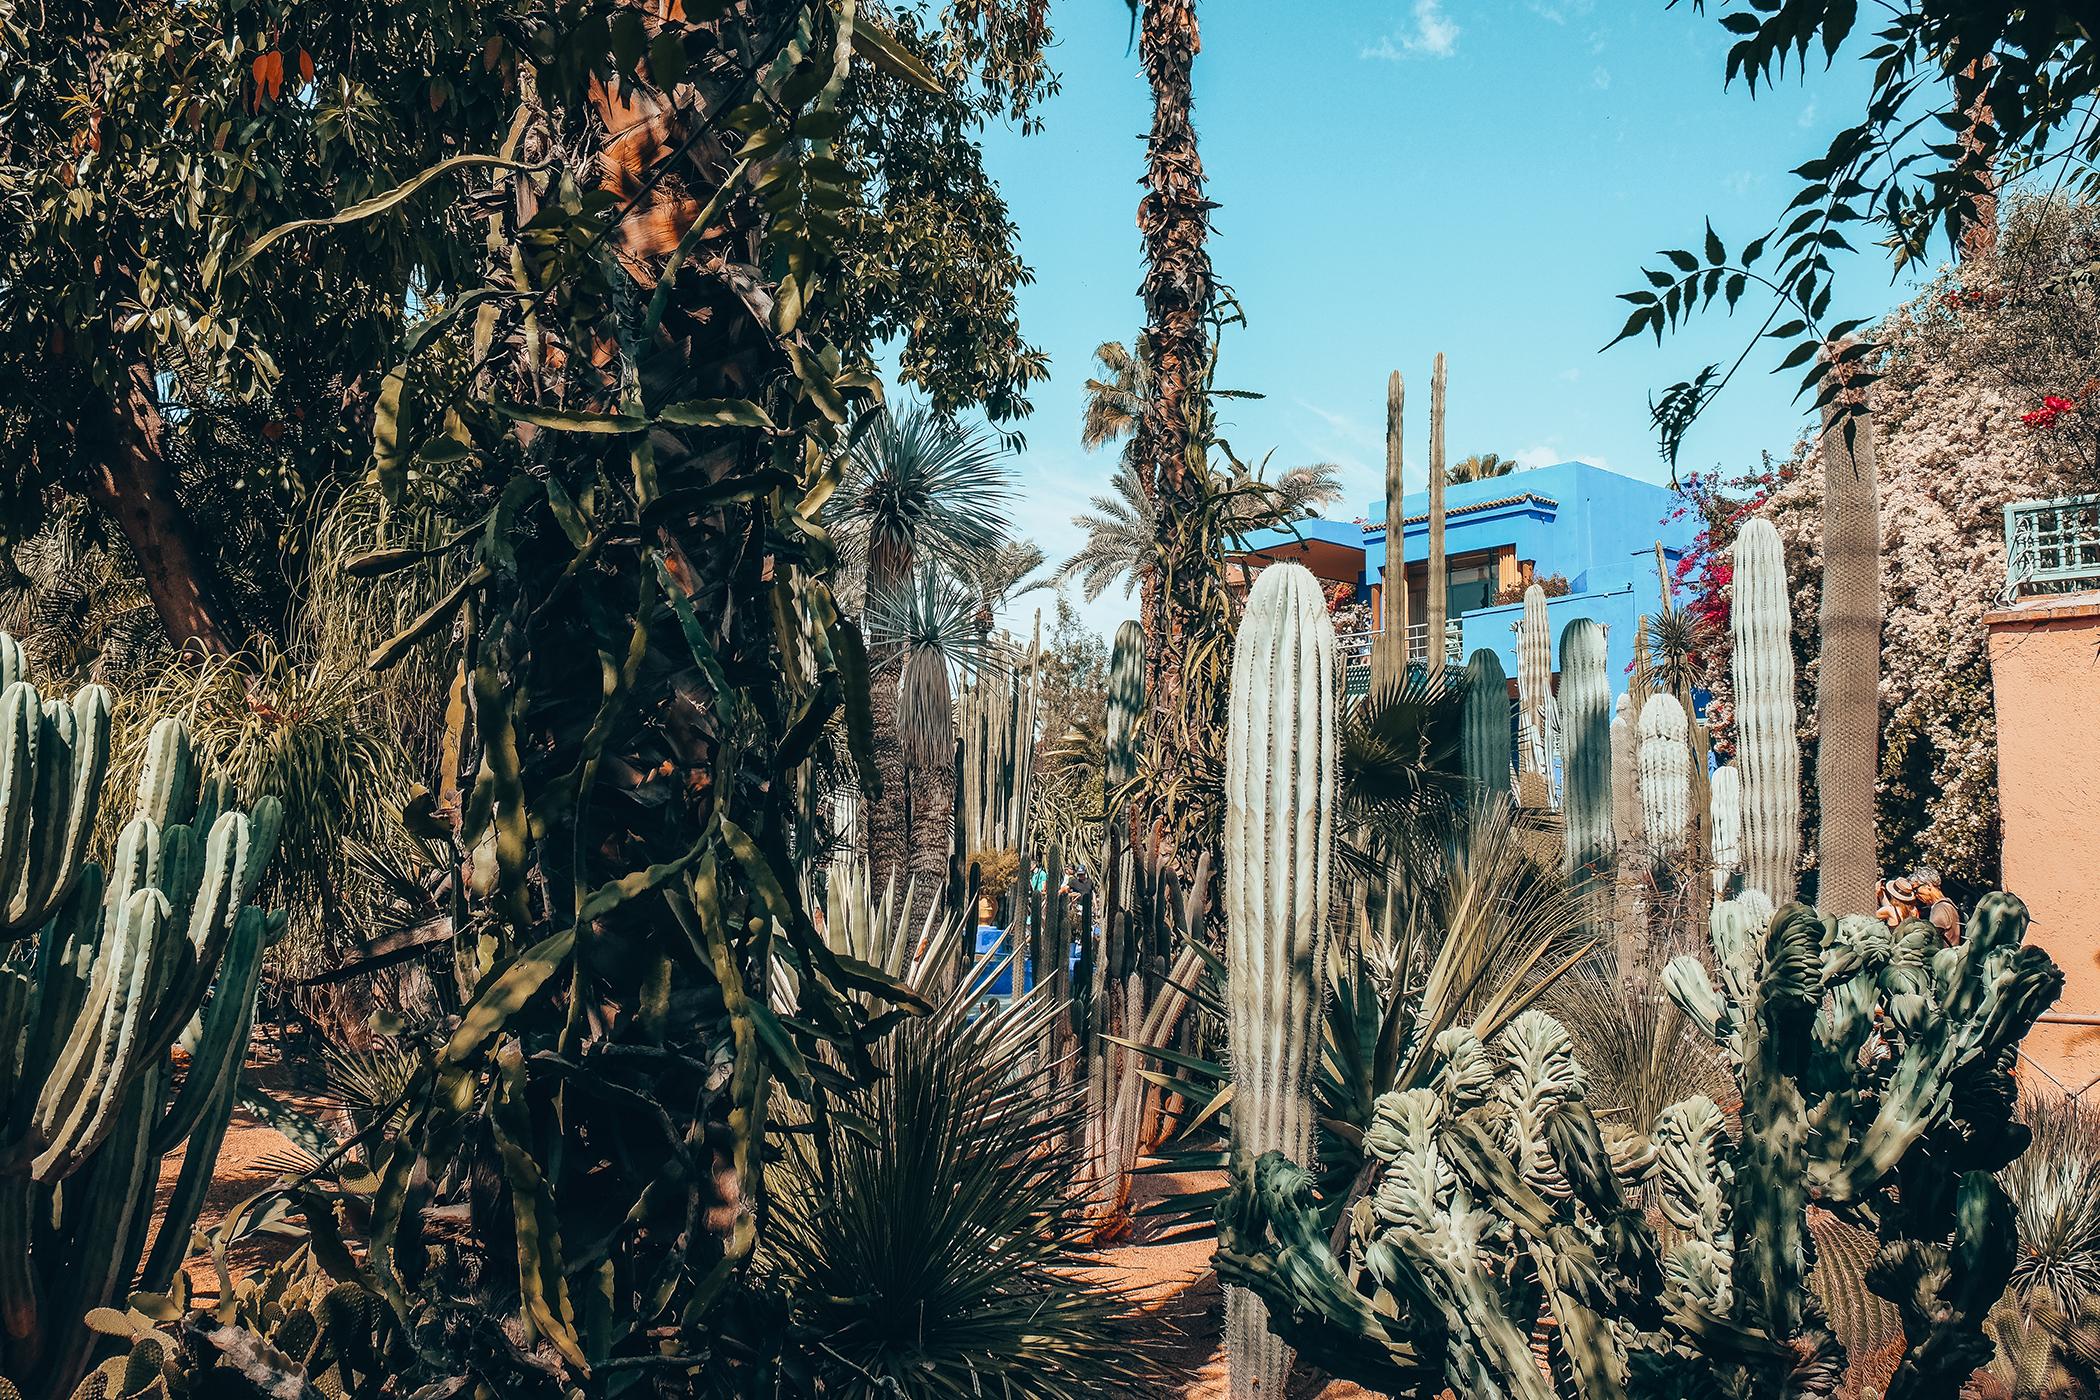 Le jardin majorelle l 39 incontournable de marrakech for Jardin marrakech